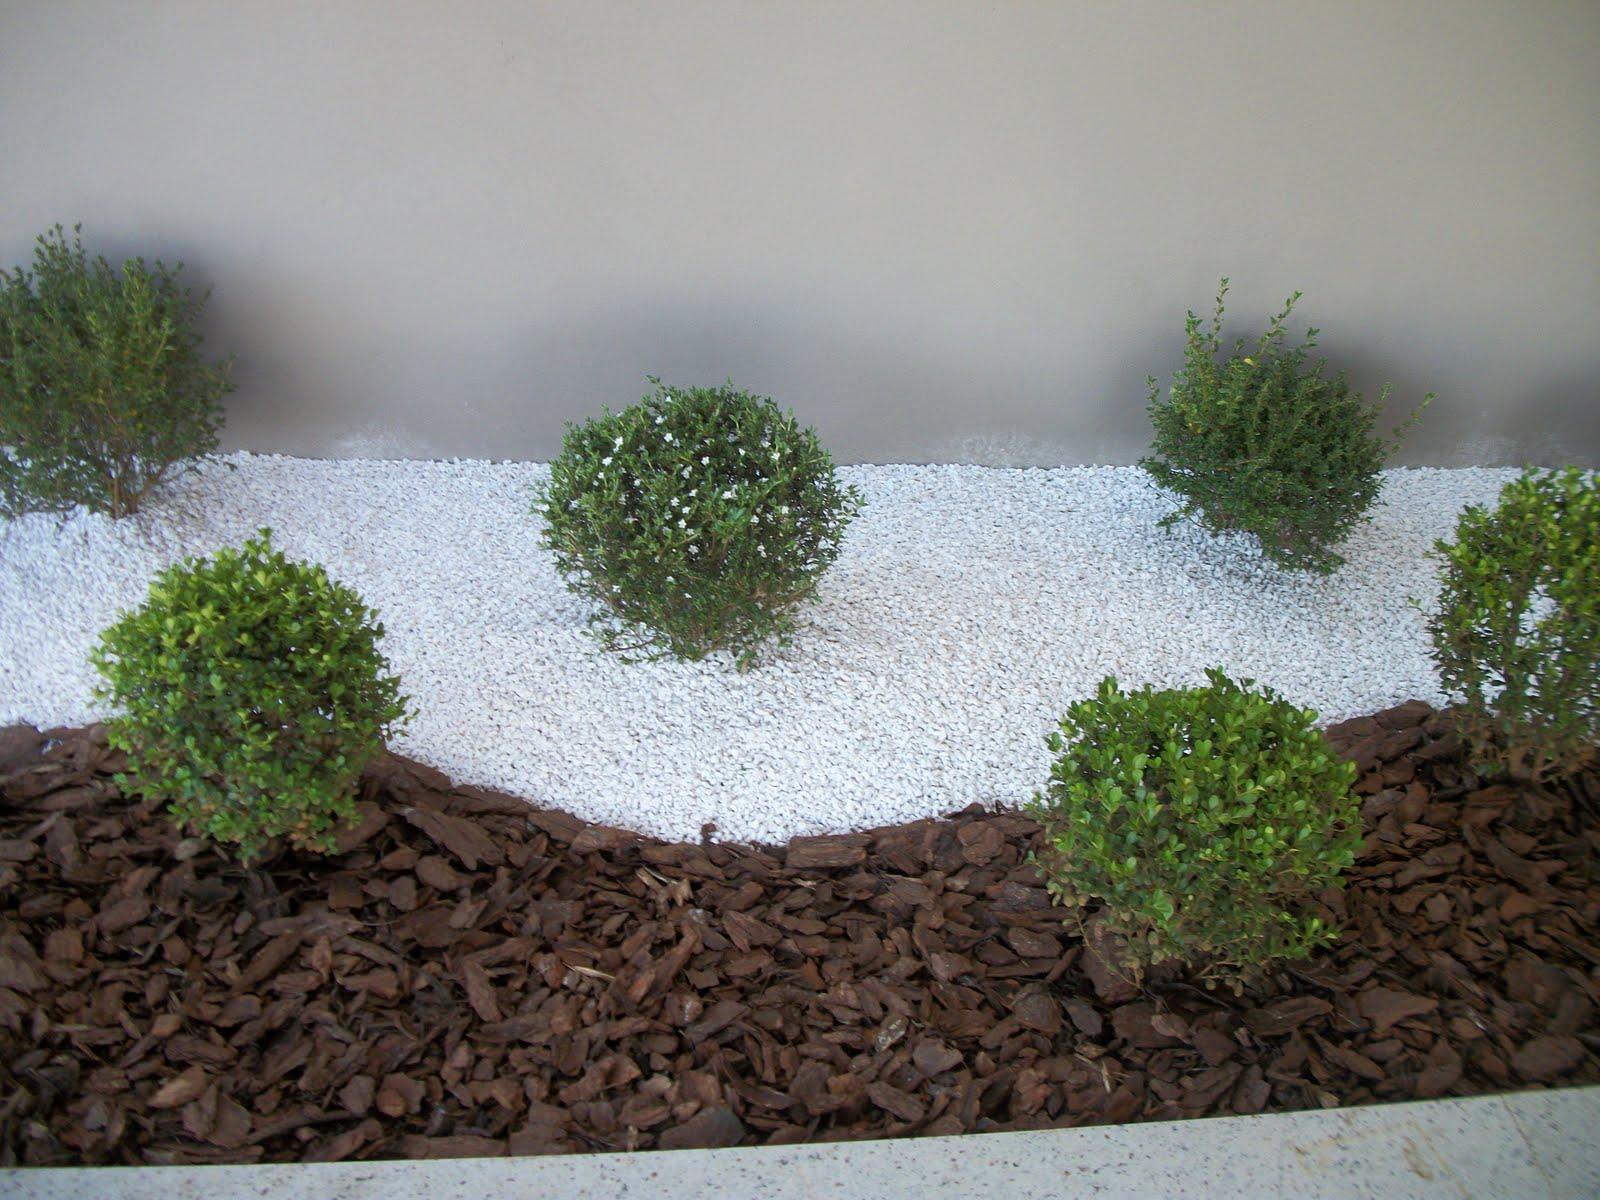 famosa cica linda planta de sol tambem ela no centro do jardim #4A6032 1600 1200